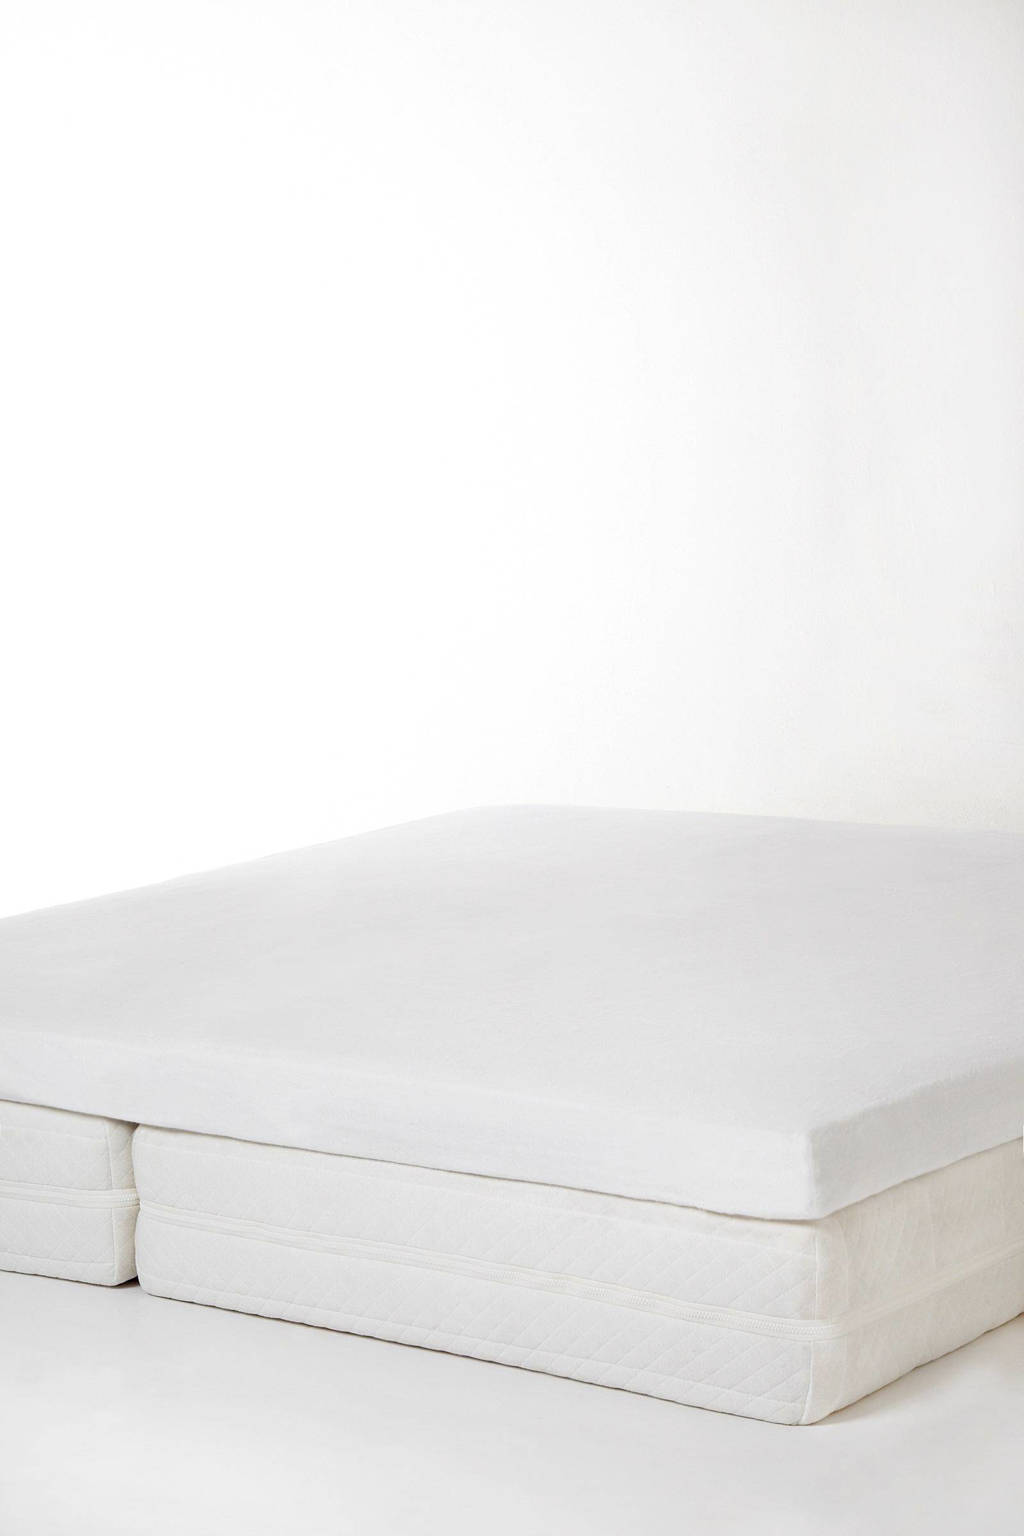 Wehkamp Home molton hoeslaken topmatras (tot 7 cm matrashoogte), Wit